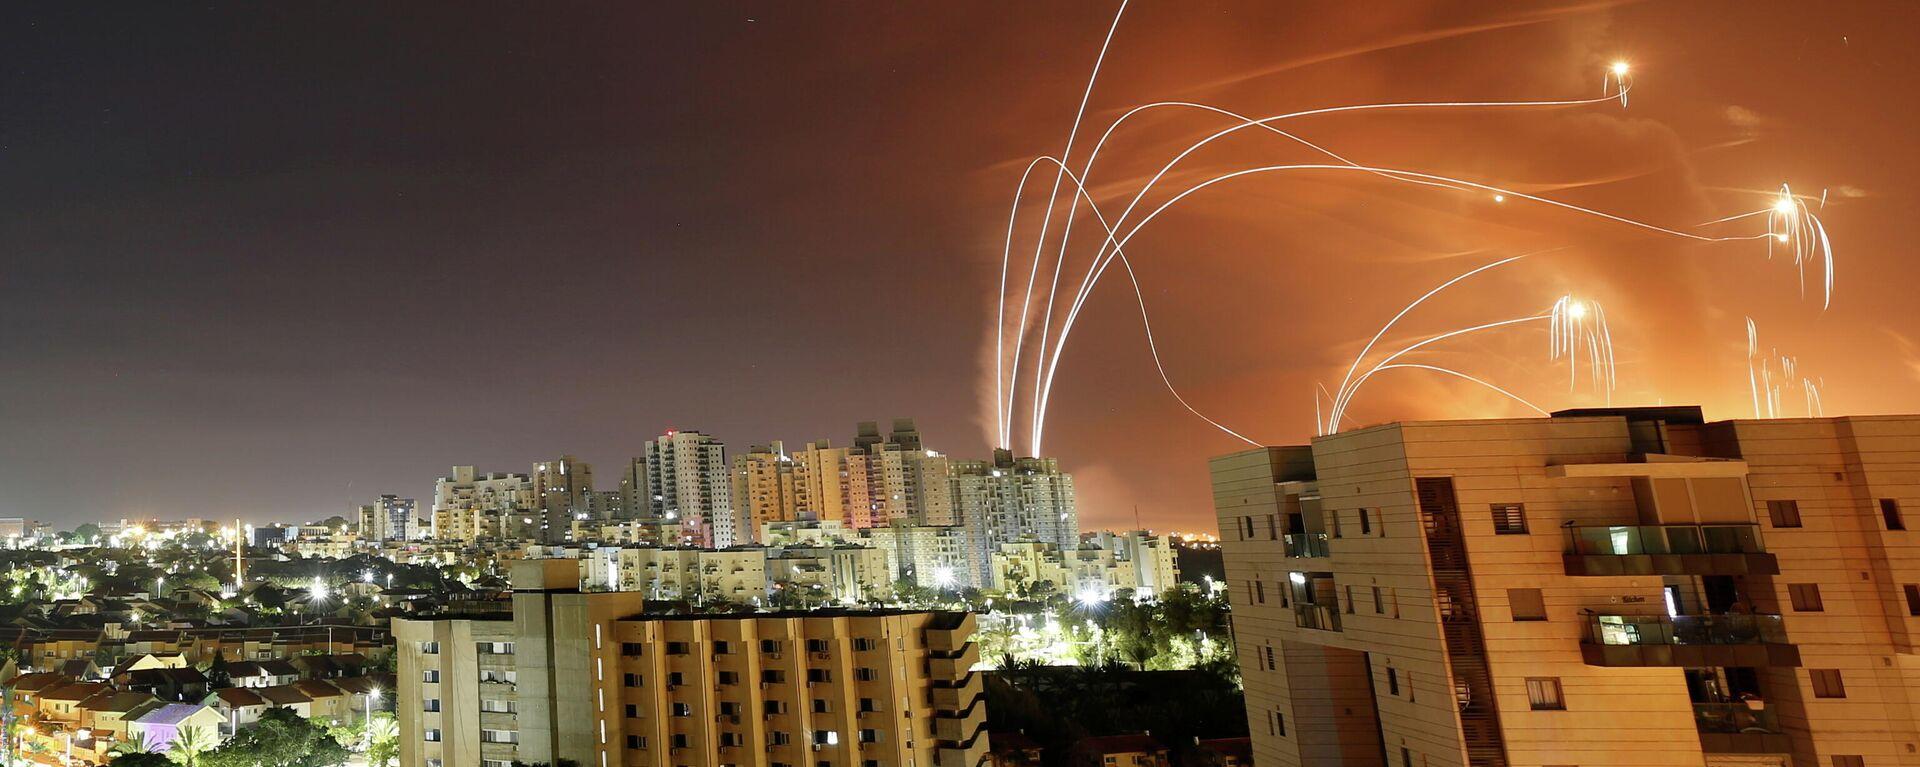 Lichtstreifen von Raketen des israelischen Abfang-Systems im Himmel gesehen, aus dem Gazastreifen Raketen auf Israel abgefeuert werden, den 12. Mai 2021 - SNA, 1920, 12.05.2021